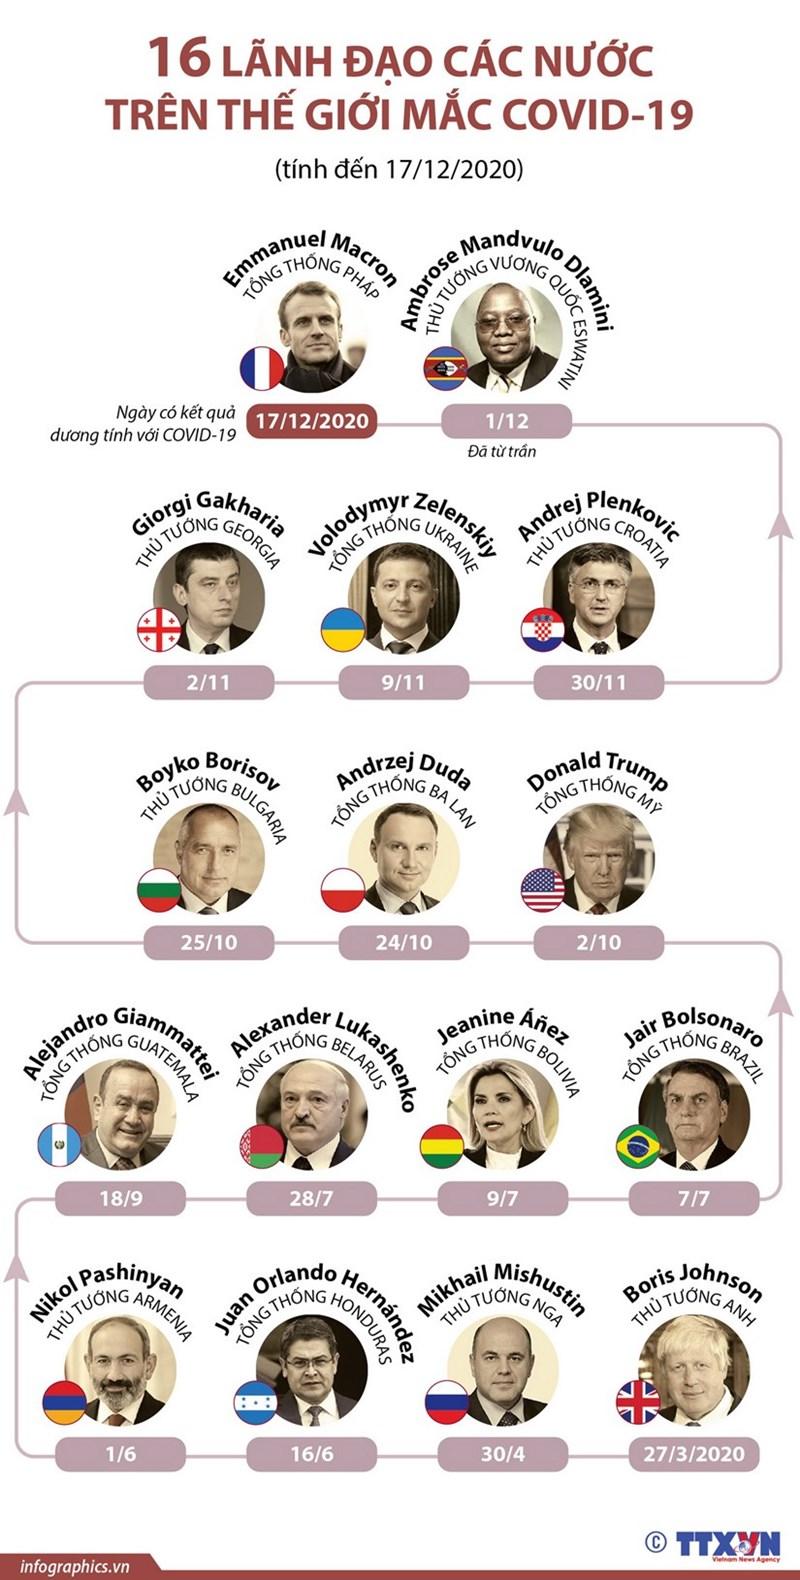 [Infographics] 16 lãnh đạo các nước trên thế giới mắc Covid-19 - Ảnh 1